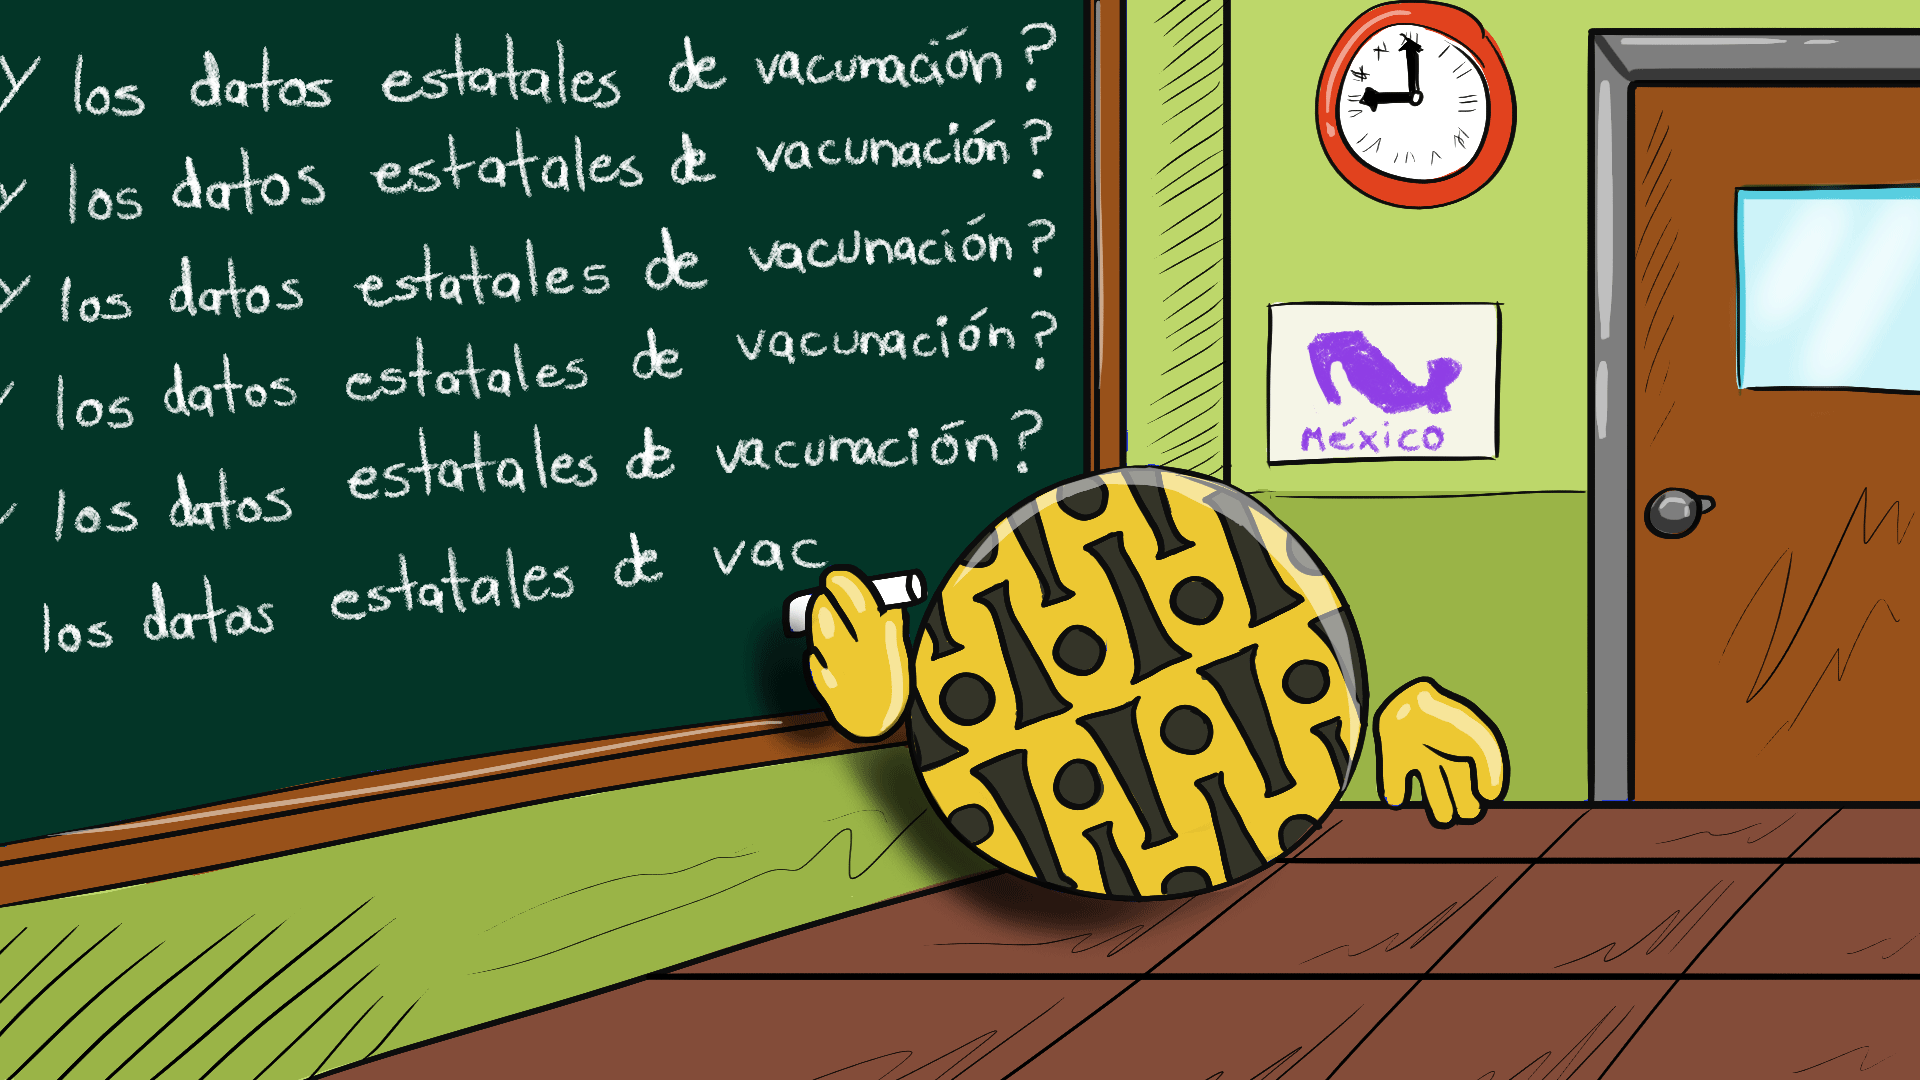 Cuántas personas han sido vacunadas por entidad